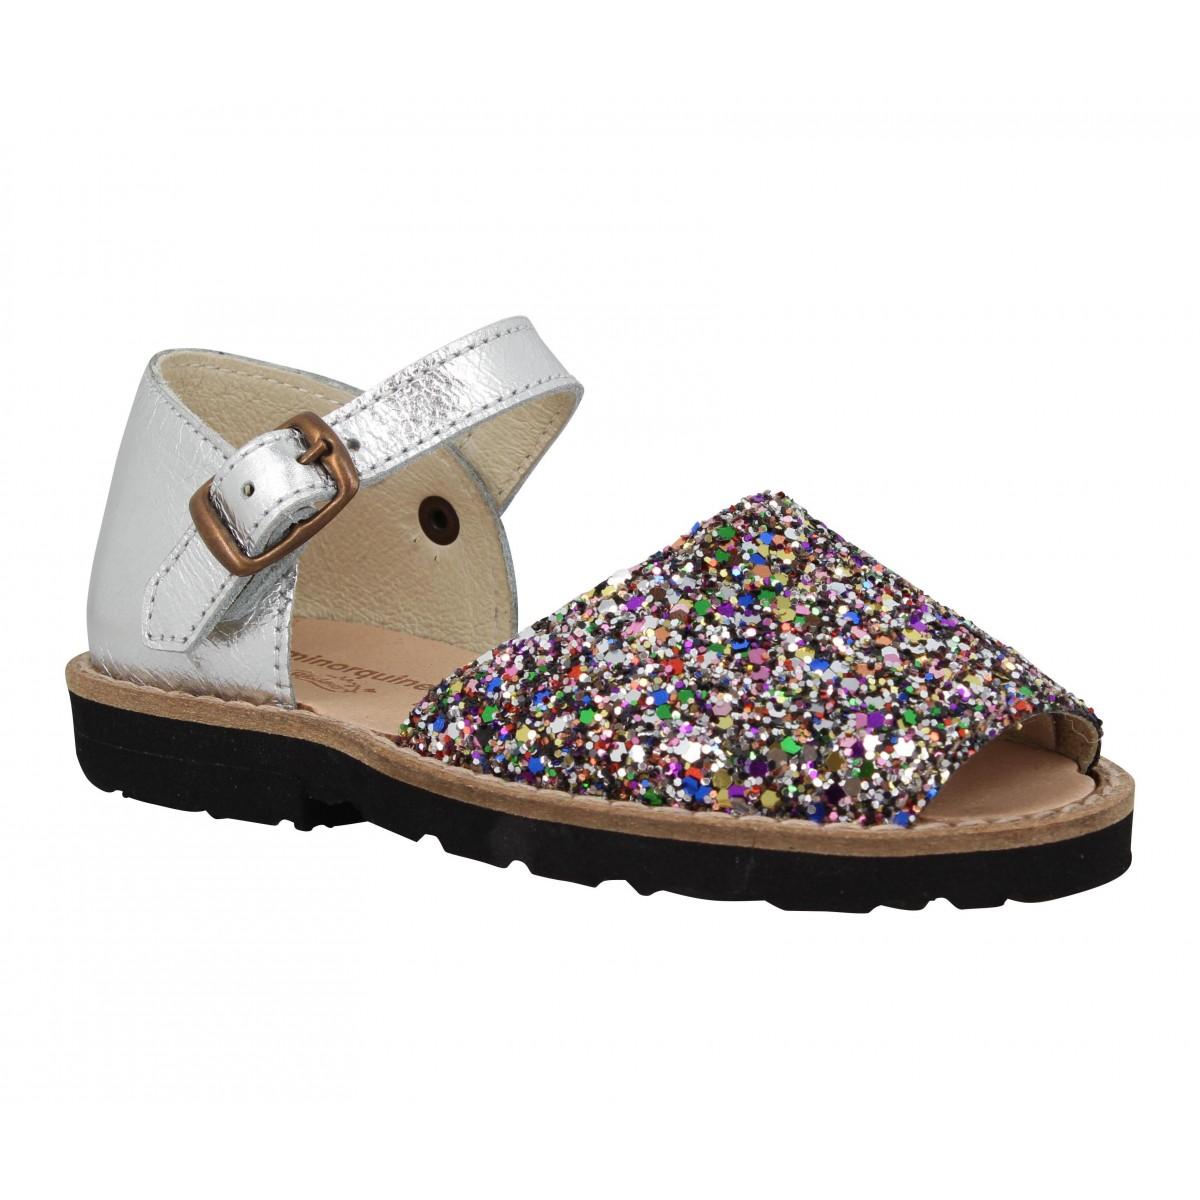 Chaussures Minorquines fille 7spQV4qJ